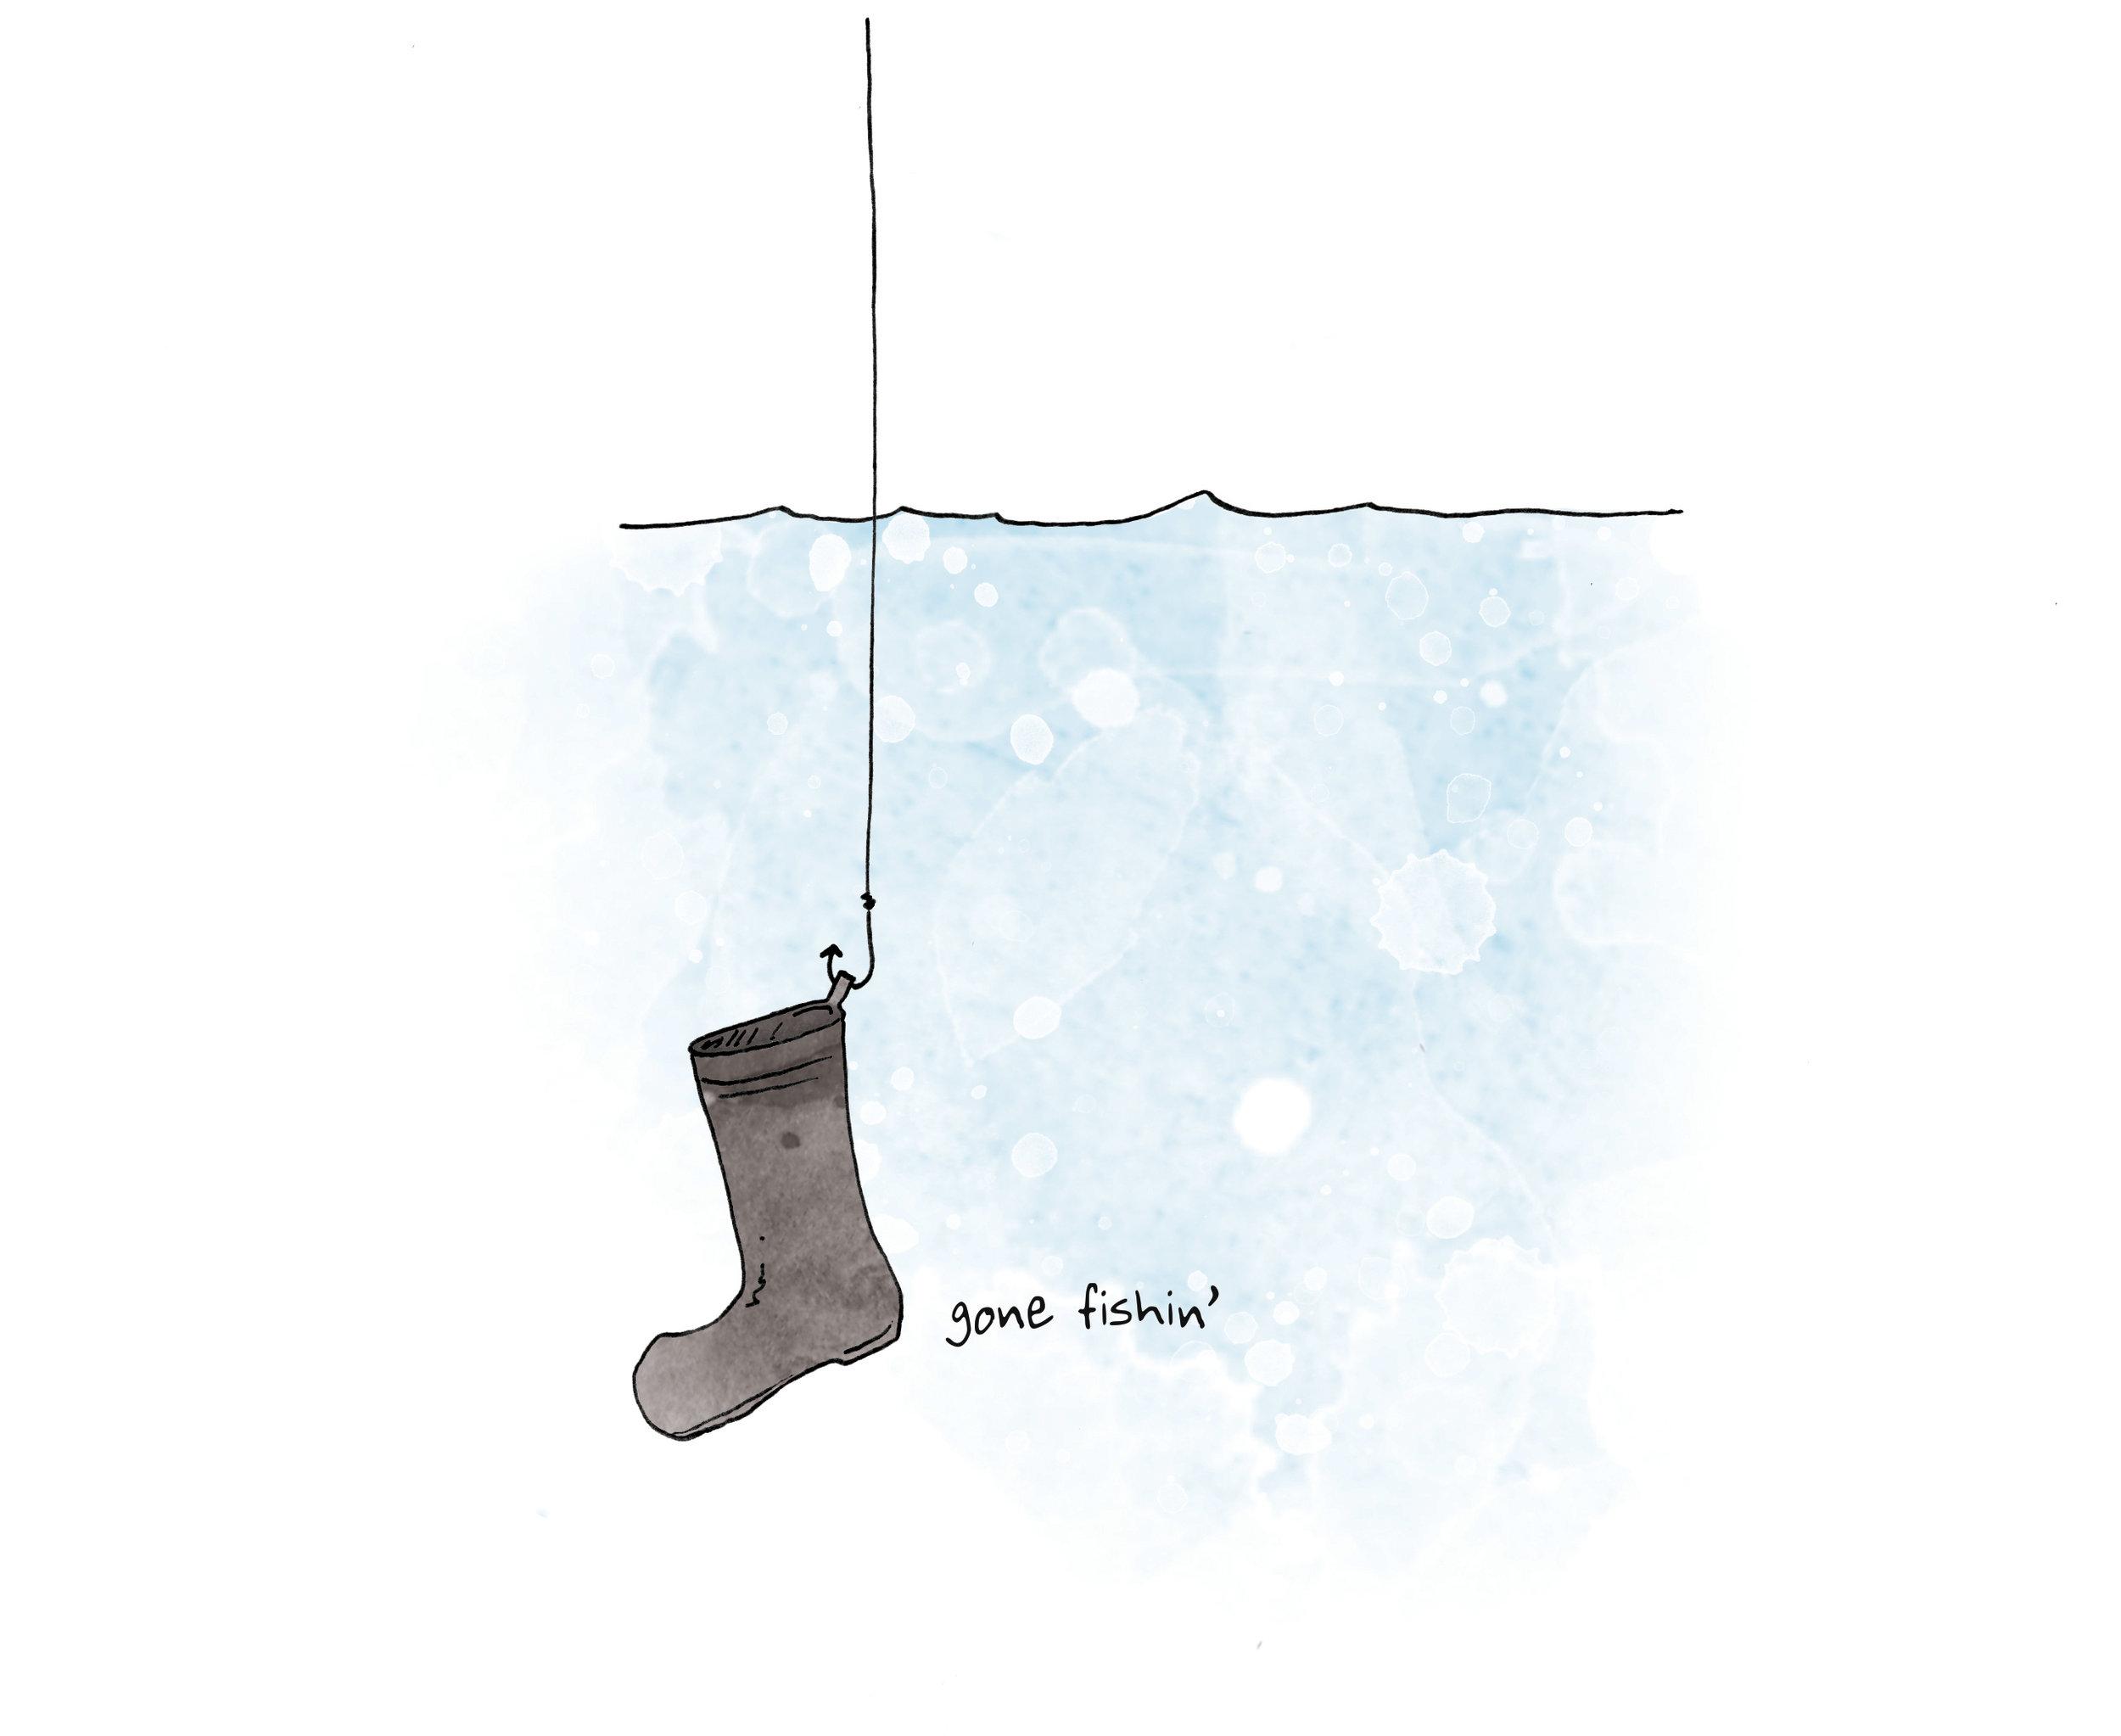 gone fishing illustration-5.jpg